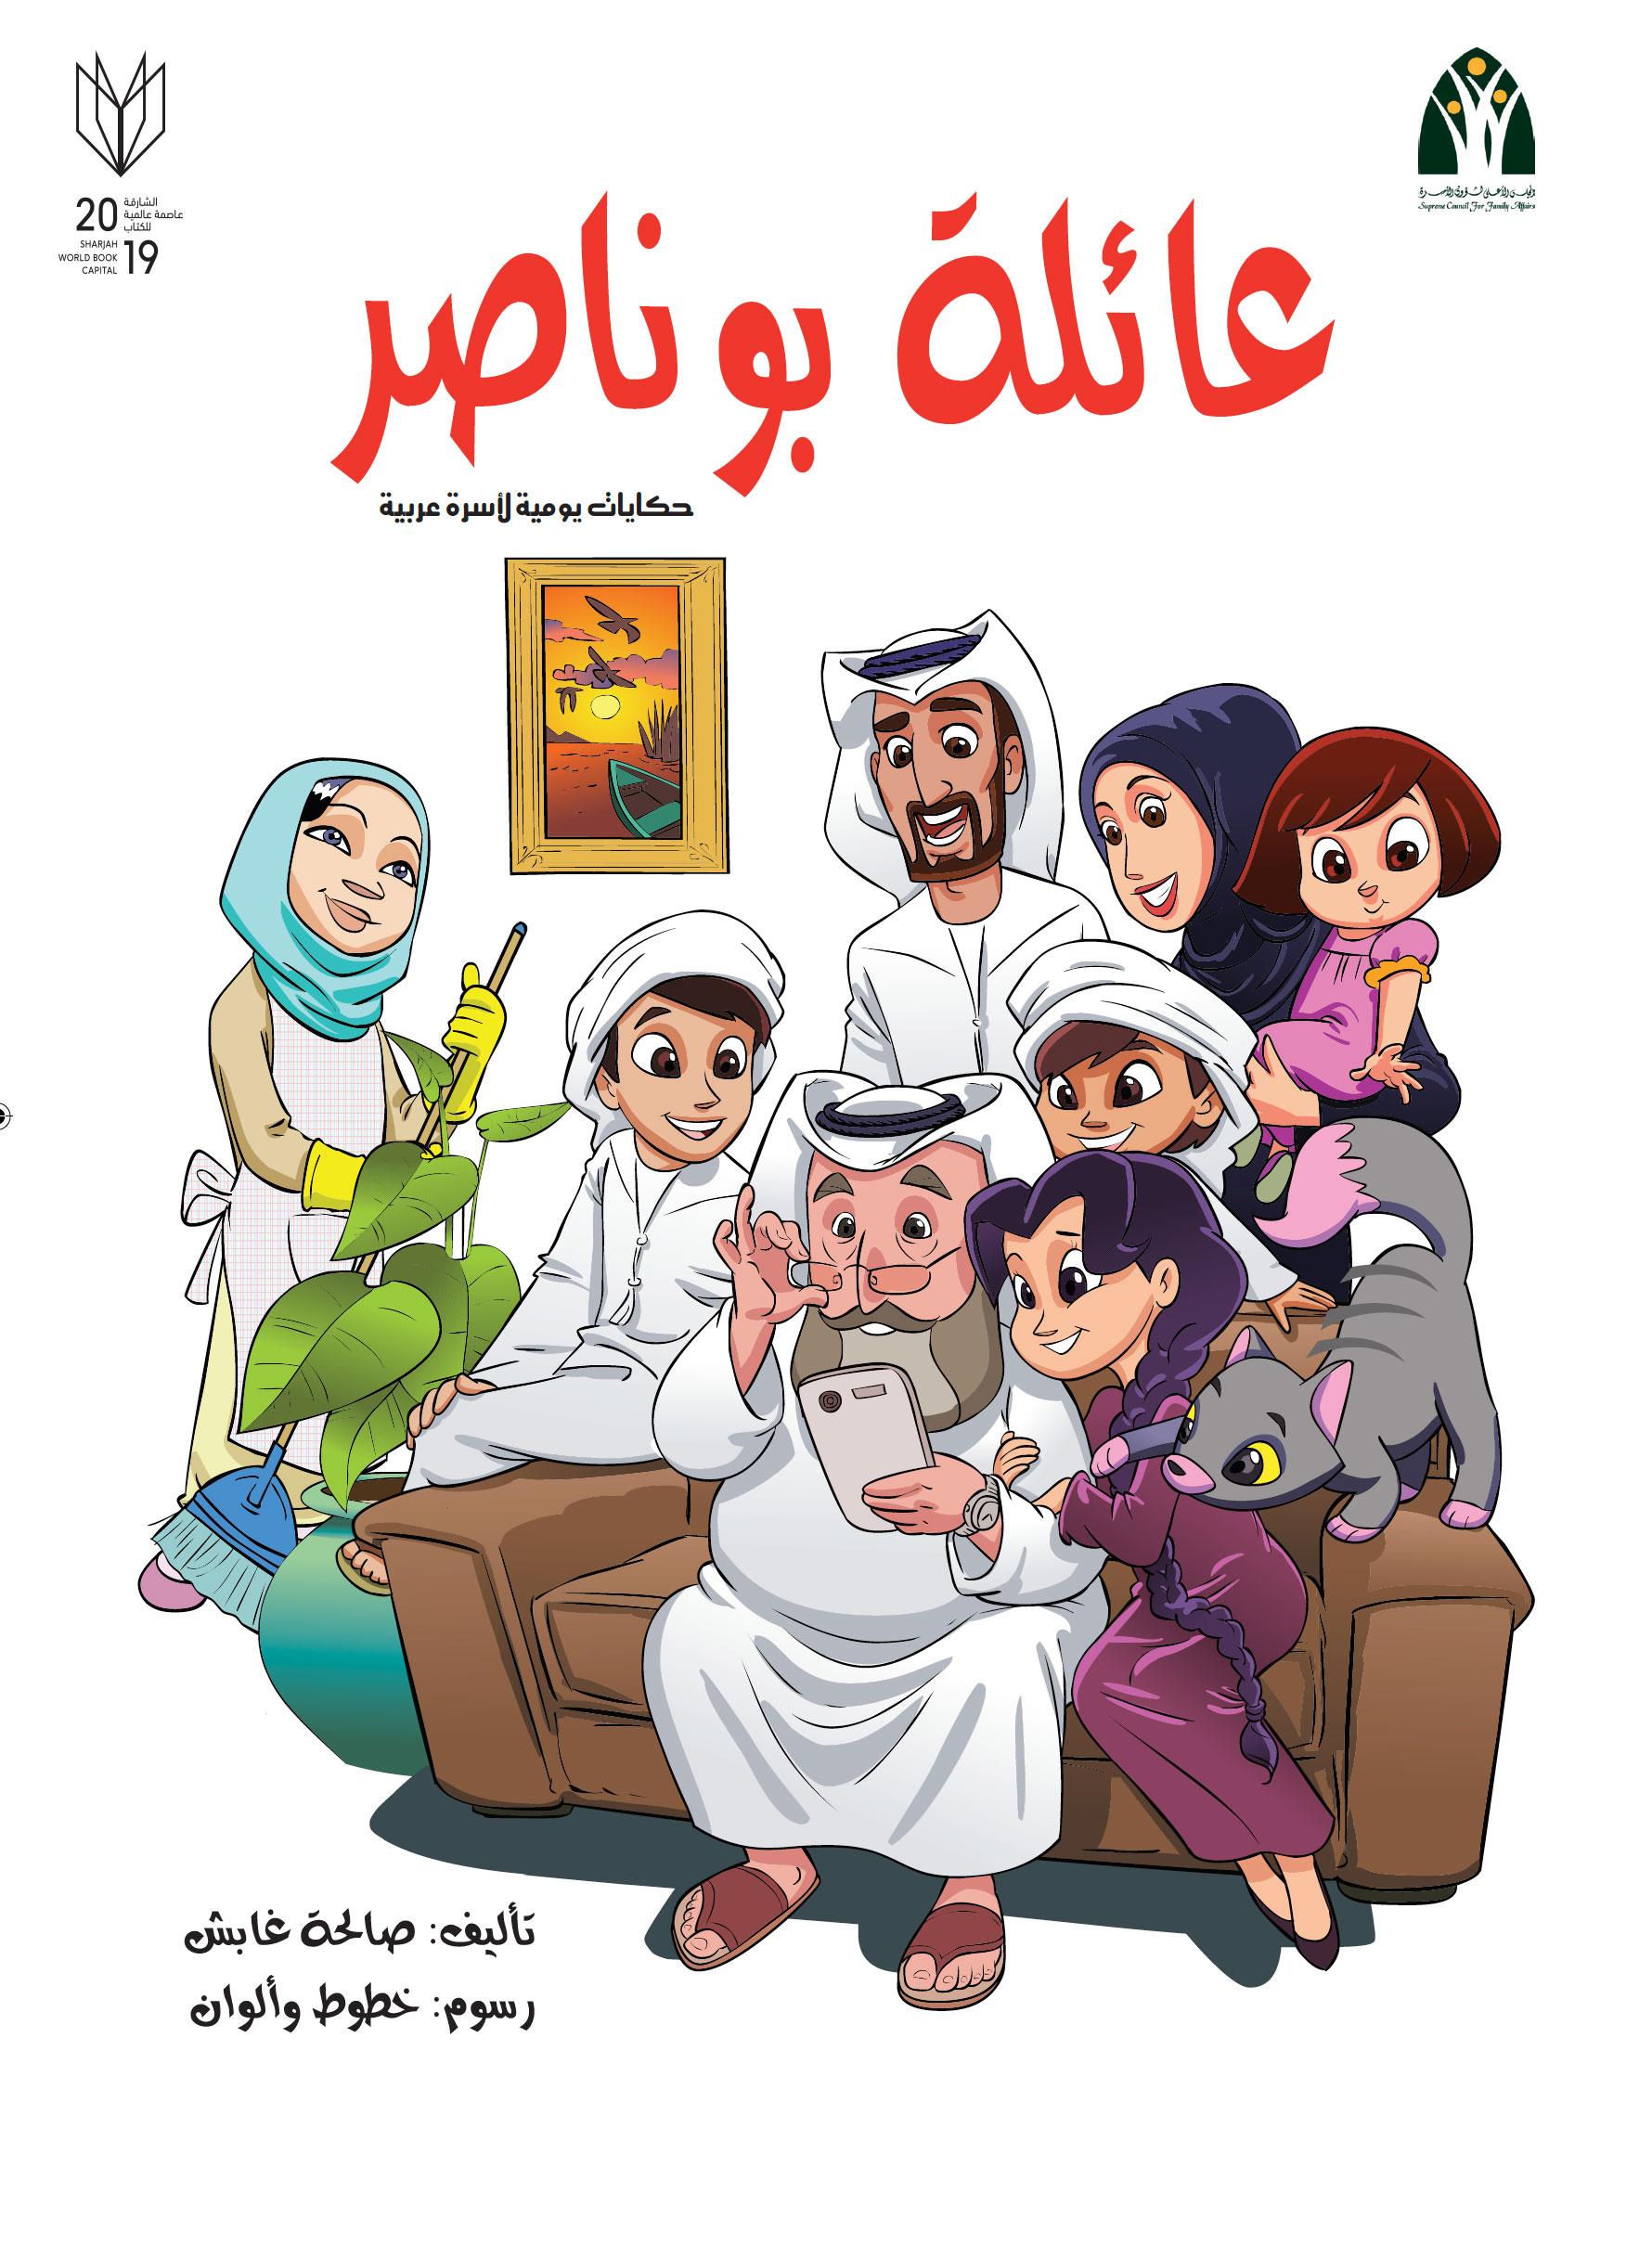 عائلة بو ناصر : حكايات يومية لأسرة عربية